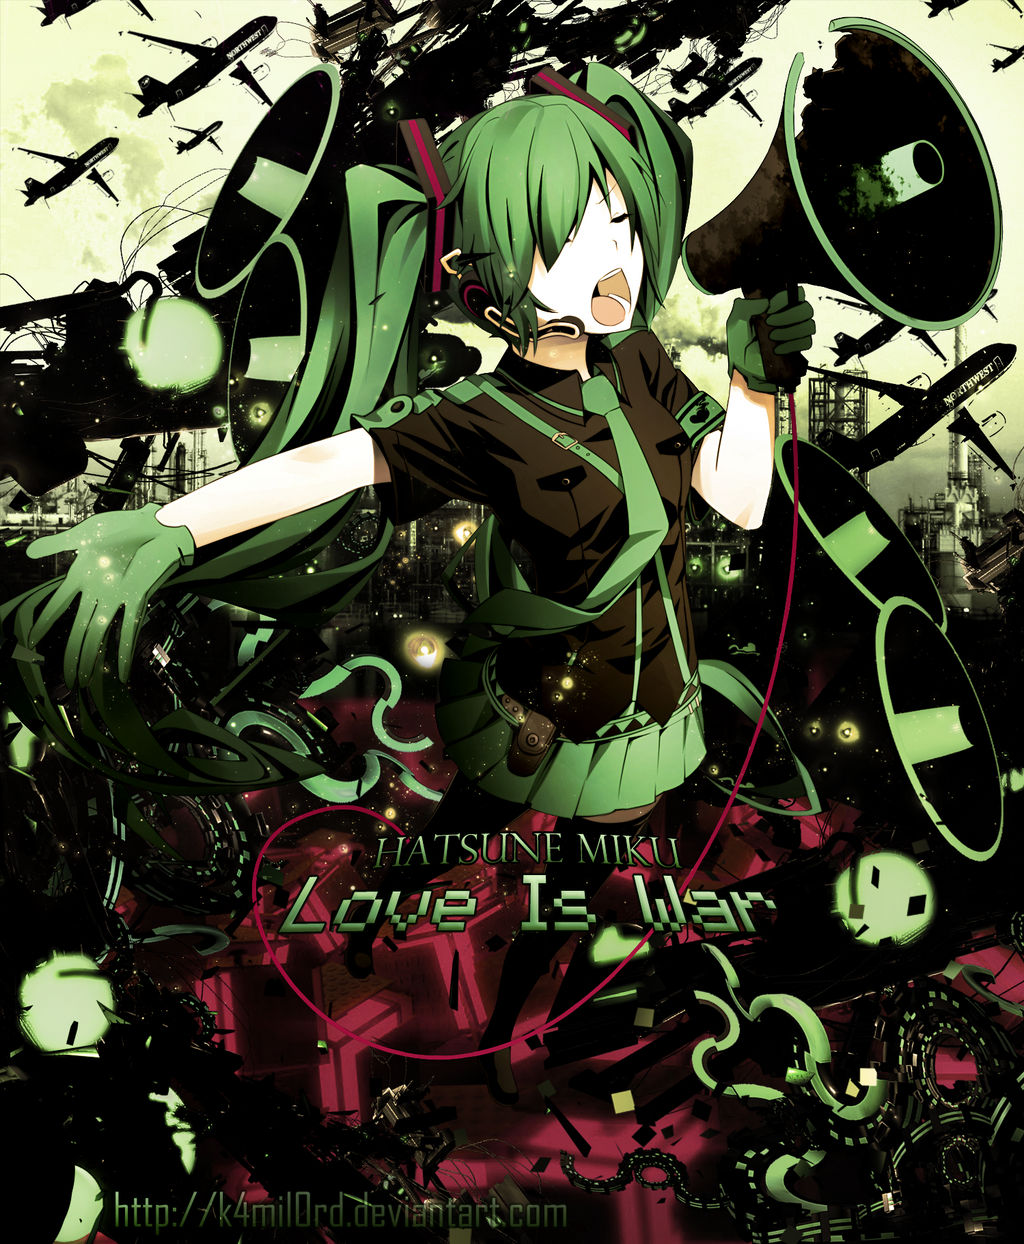 Wallpaper Hatsune Miku Love Is War 3 0 By K4mil0rd On Deviantart